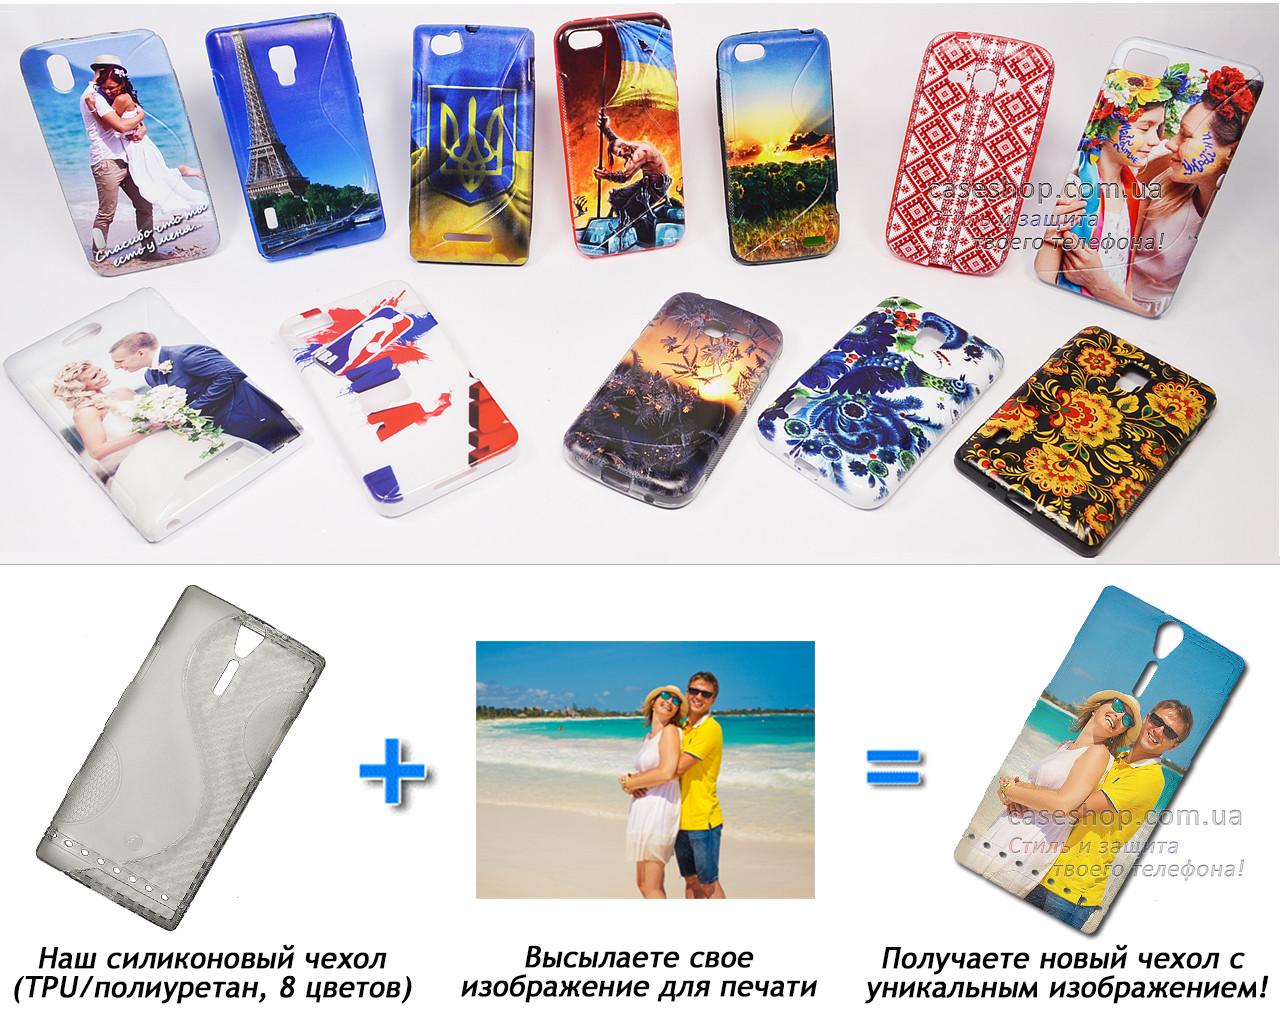 Печать на чехле для Sony Xperia S lt26i (Cиликон/TPU)